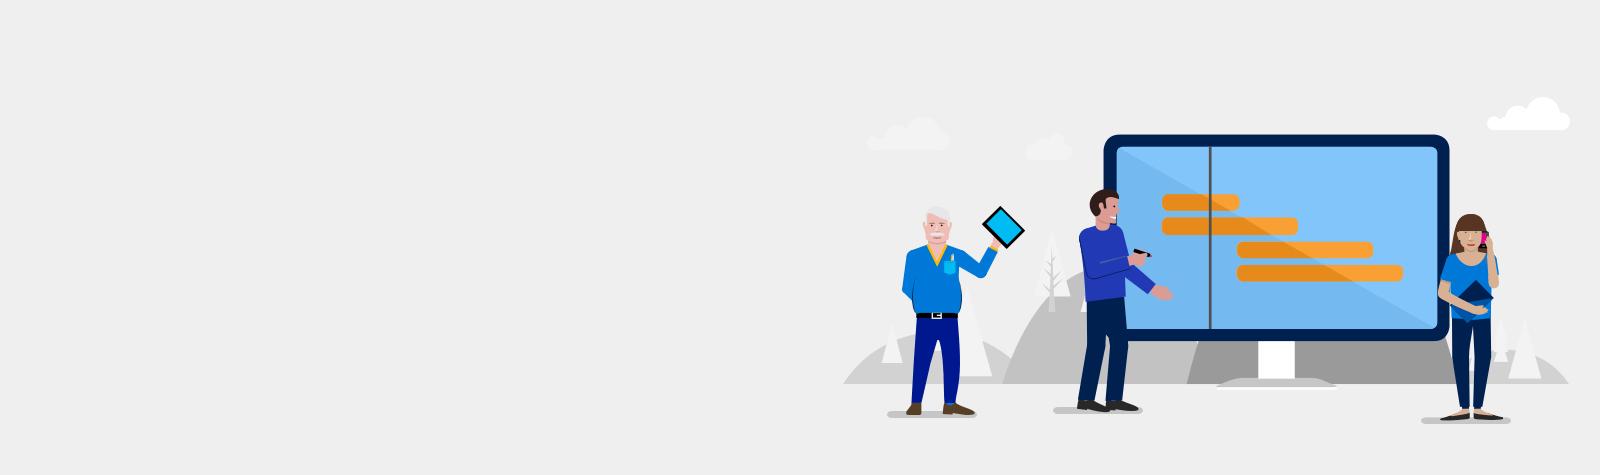 Extensiones de Microsoft Edge